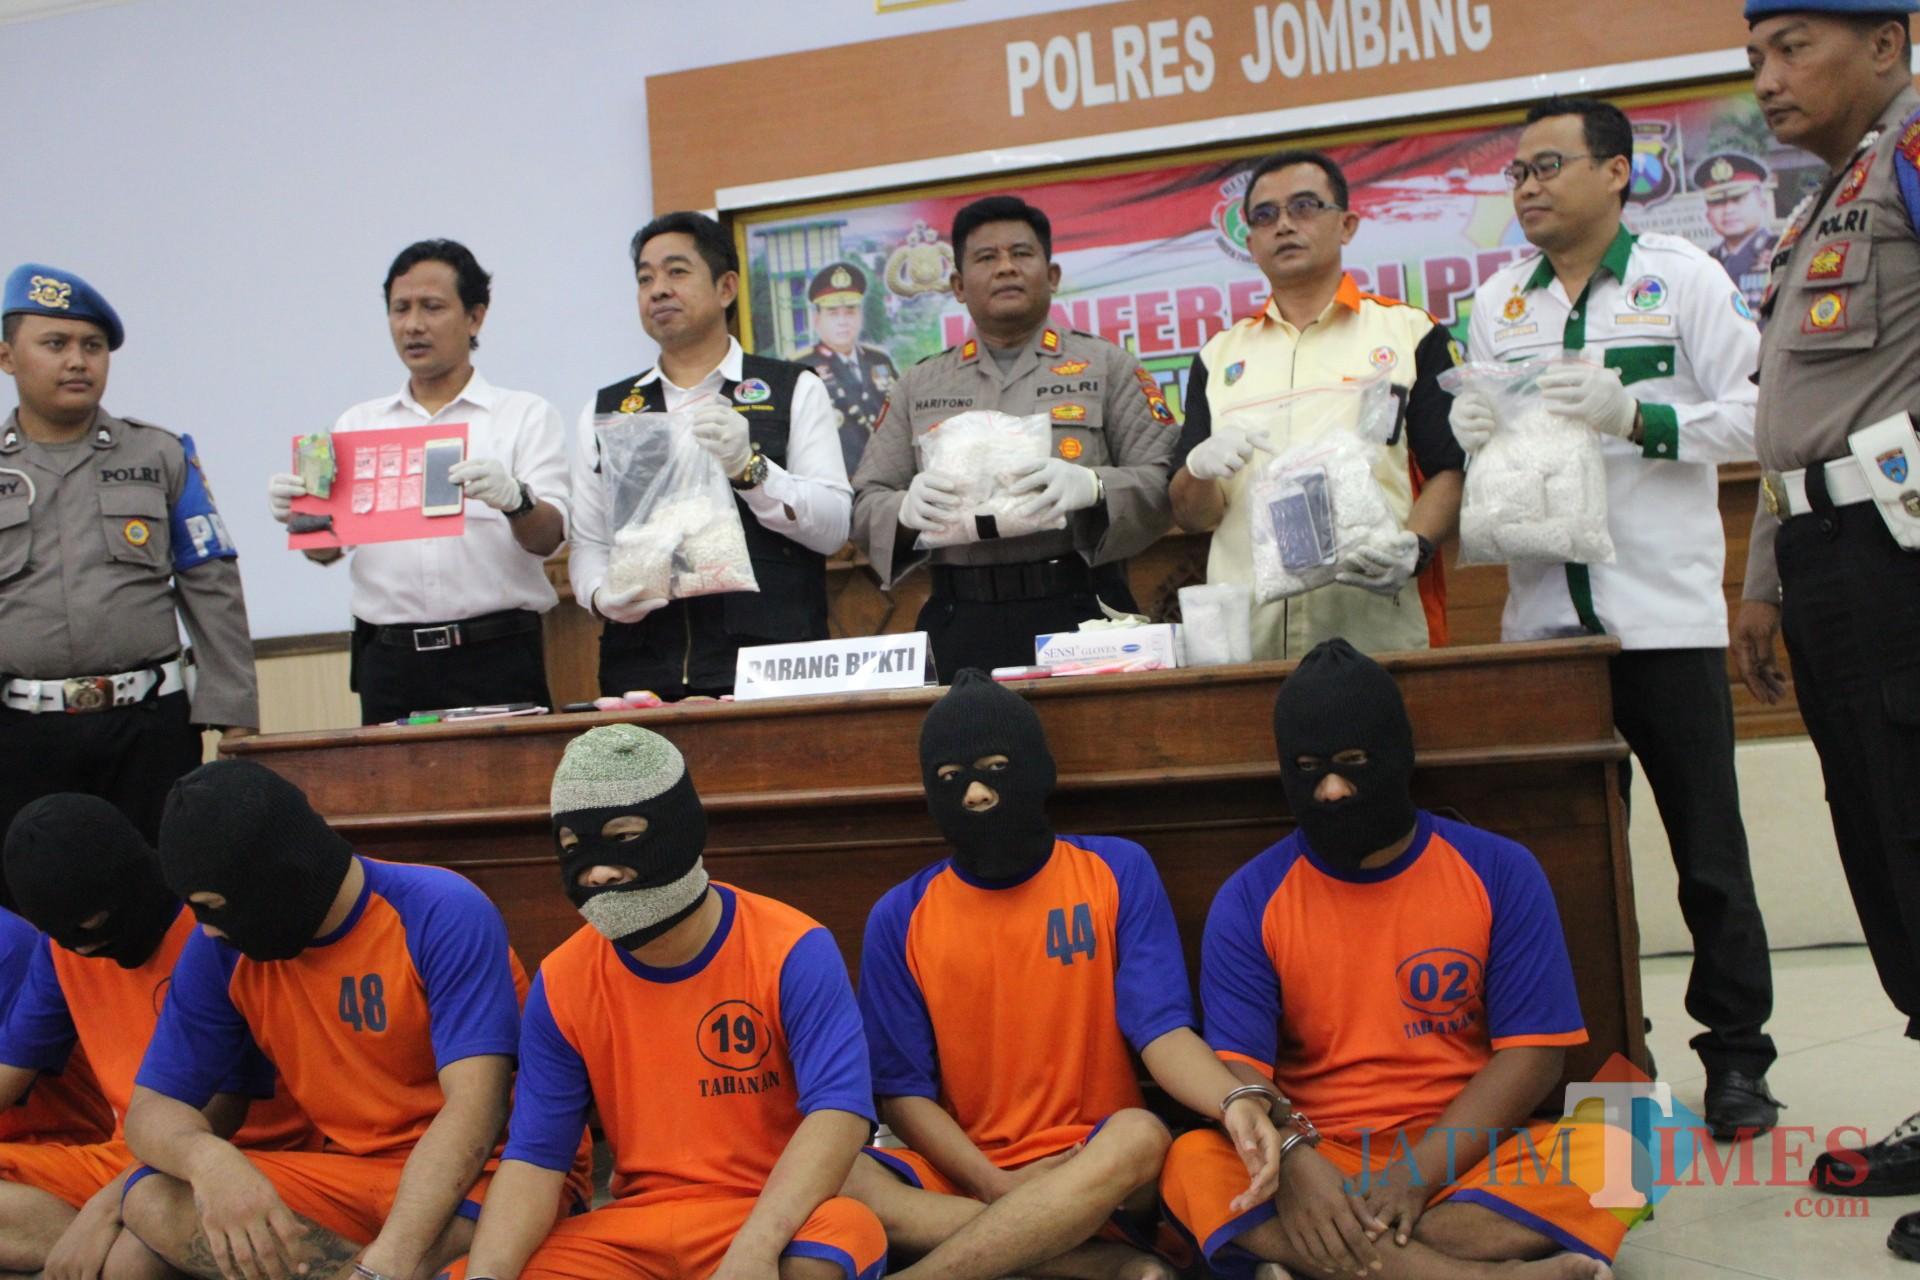 Puluhan ribu pil koplo sebagai barang bukti tangkapan ditunjukkan oleh Satreskoba Polres Jombang saat pers release. (Foto : Adi Rosul / JombangTIMES)